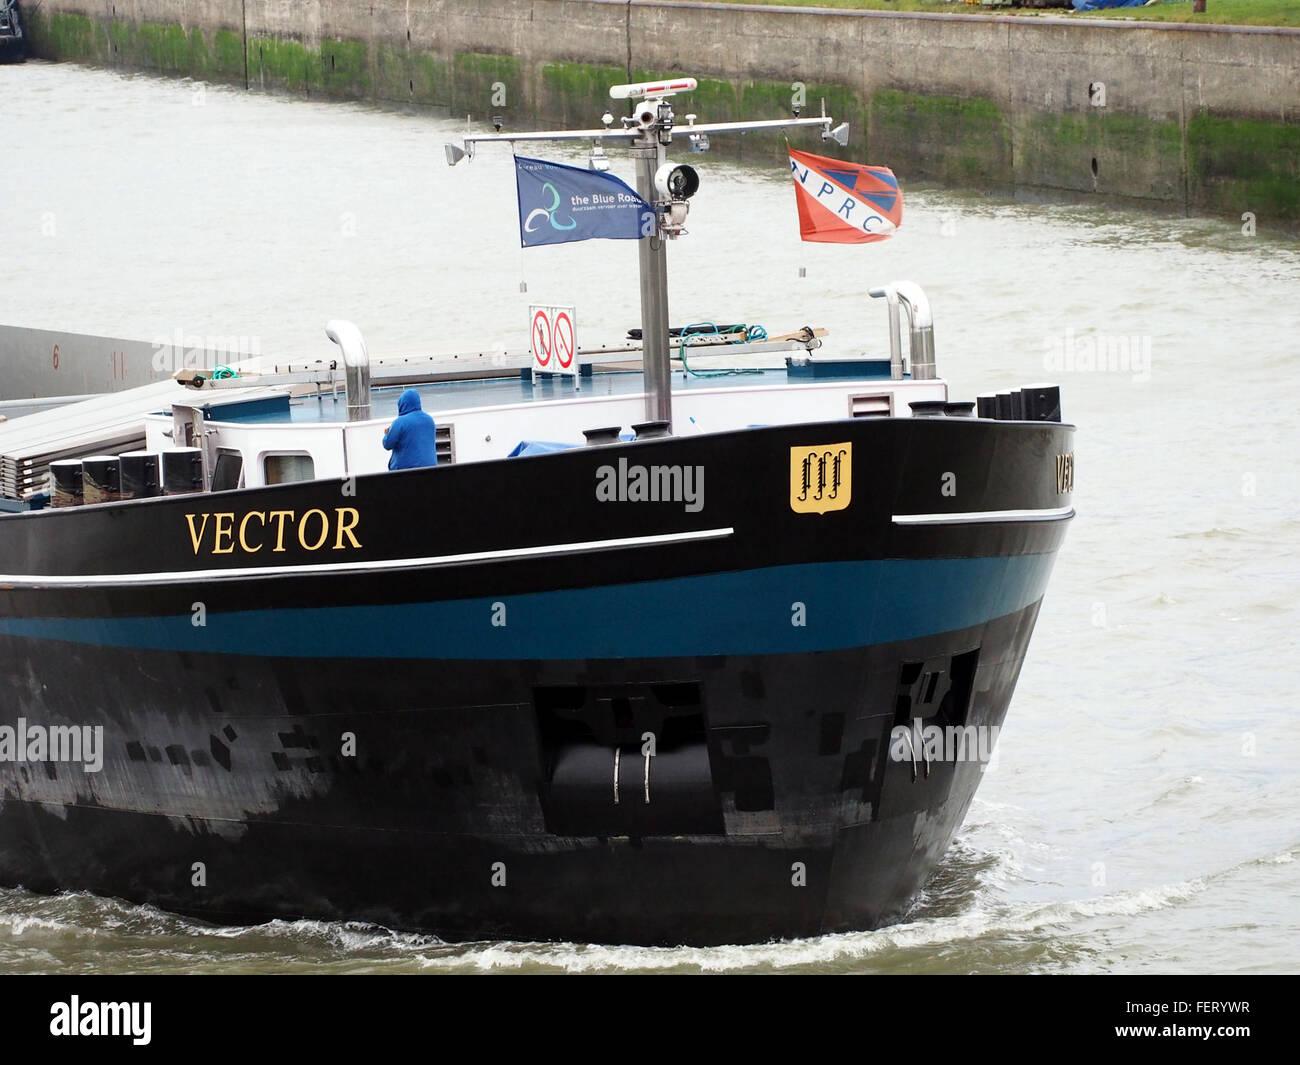 Vektor (Schiff, 2008), ENI 02331015 Hafen von Antwerpen pic6 Stockbild